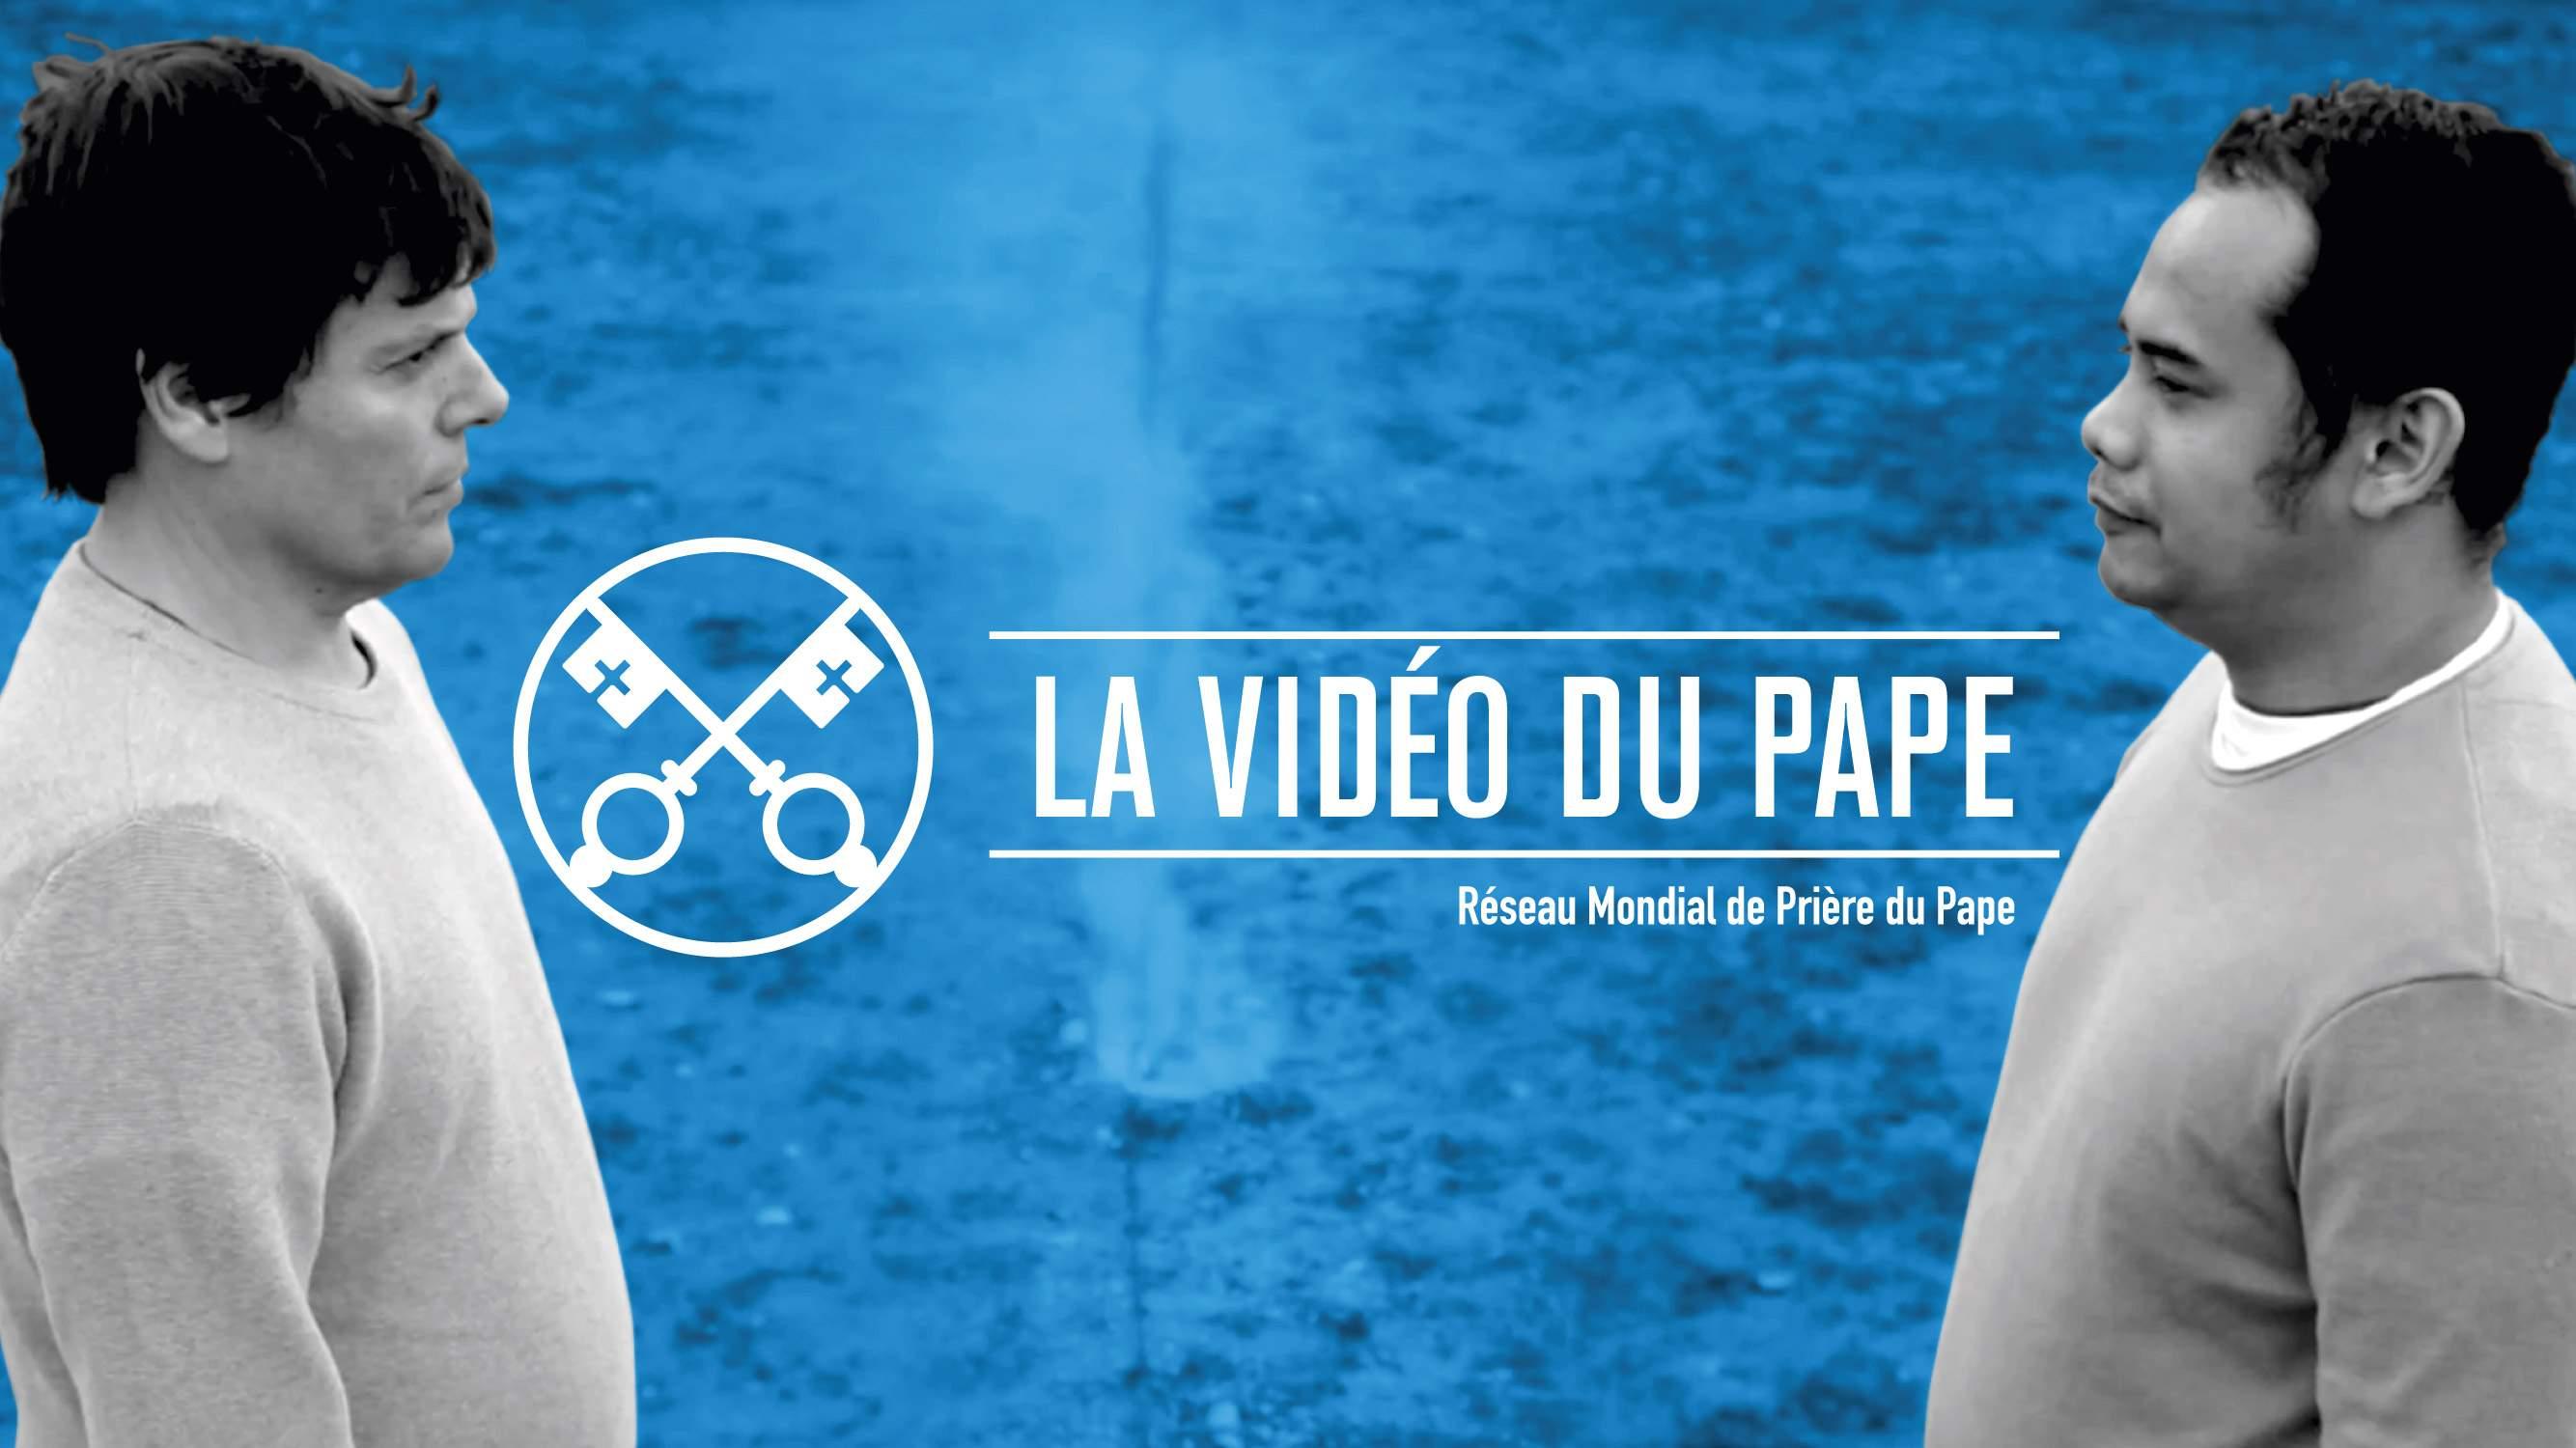 Official Image - TPV 1 2020 FR - La Video du Pape - Promouvoir la paix dans le monde